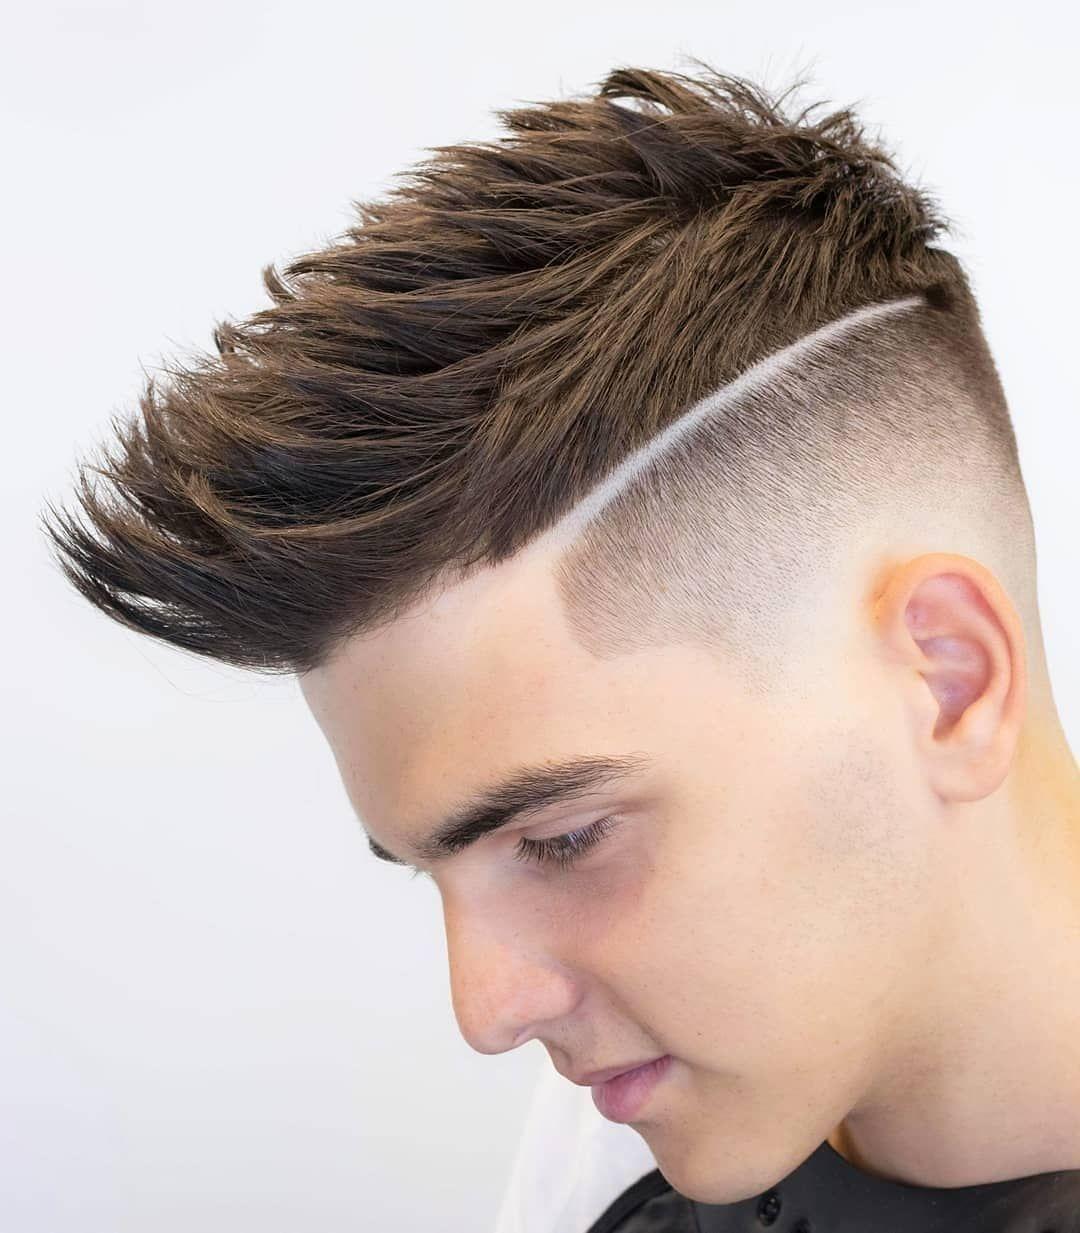 Pin on Barba e cabelo masculino